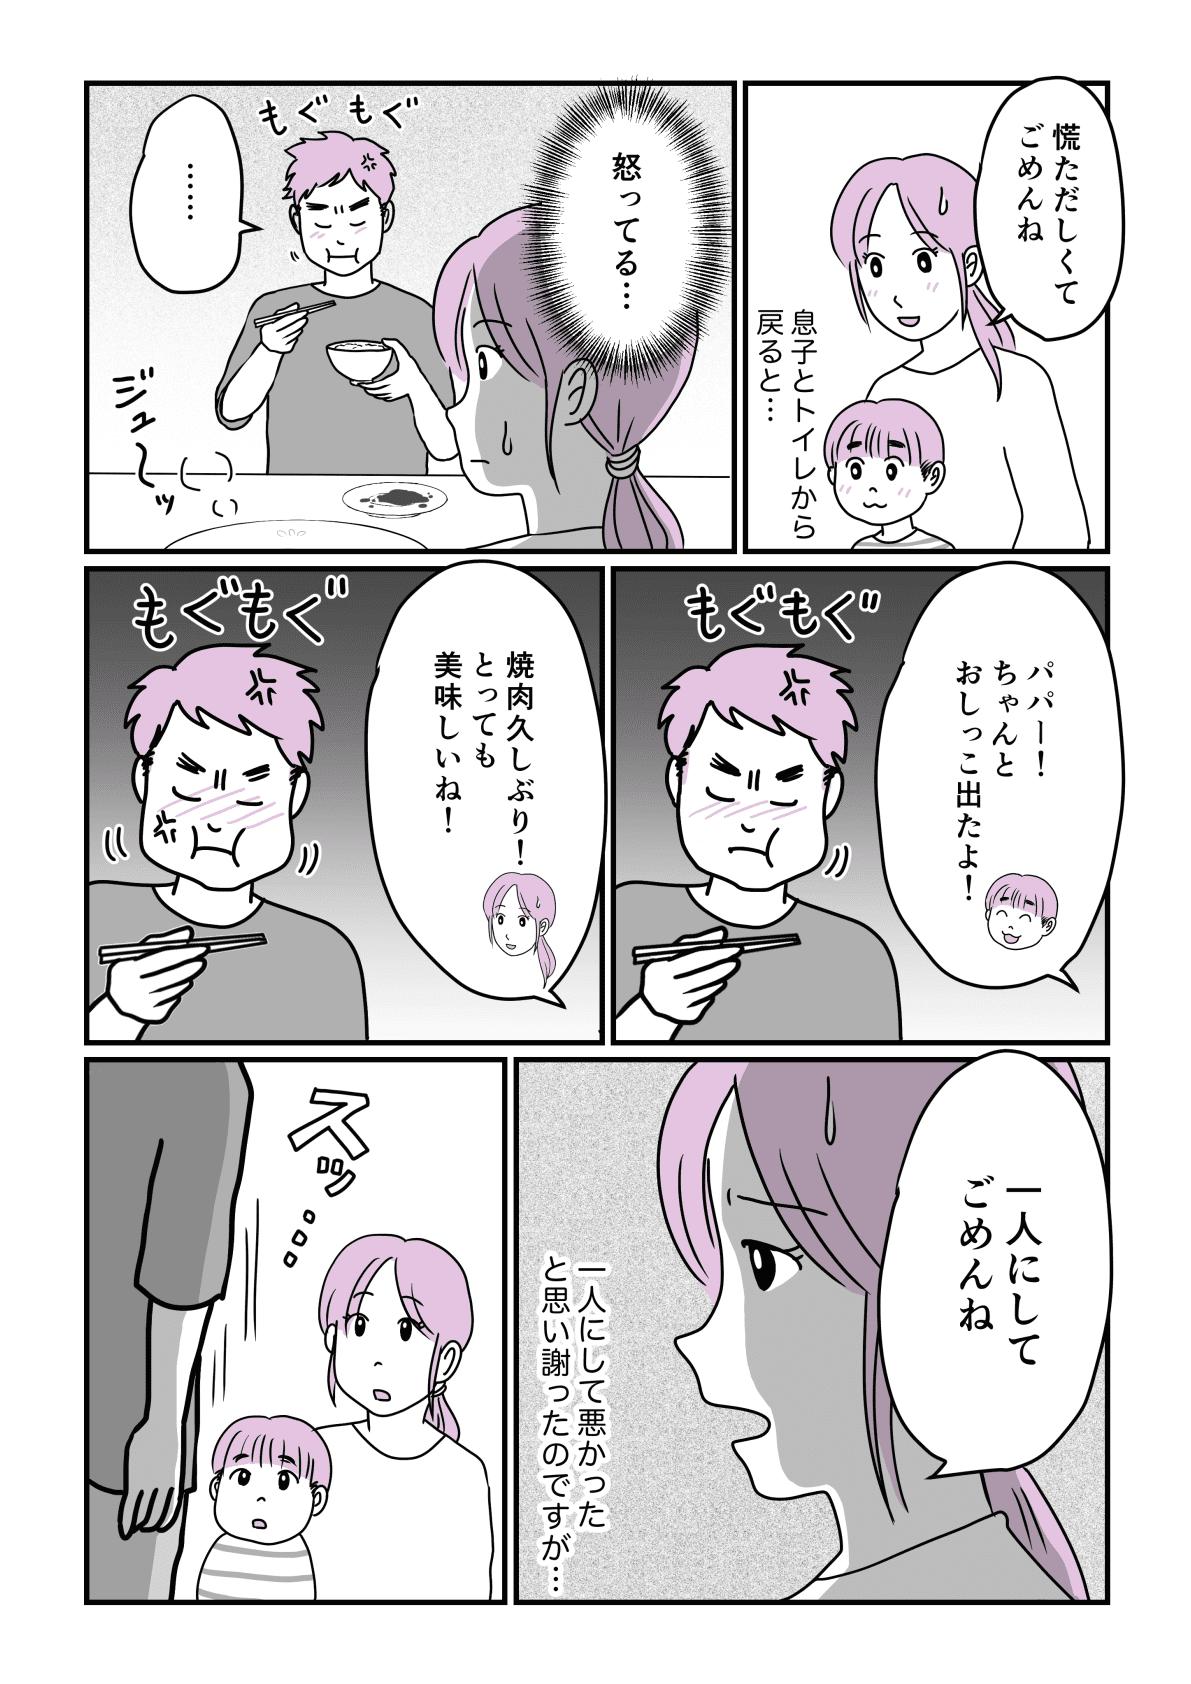 パパとトイレトレ前編2